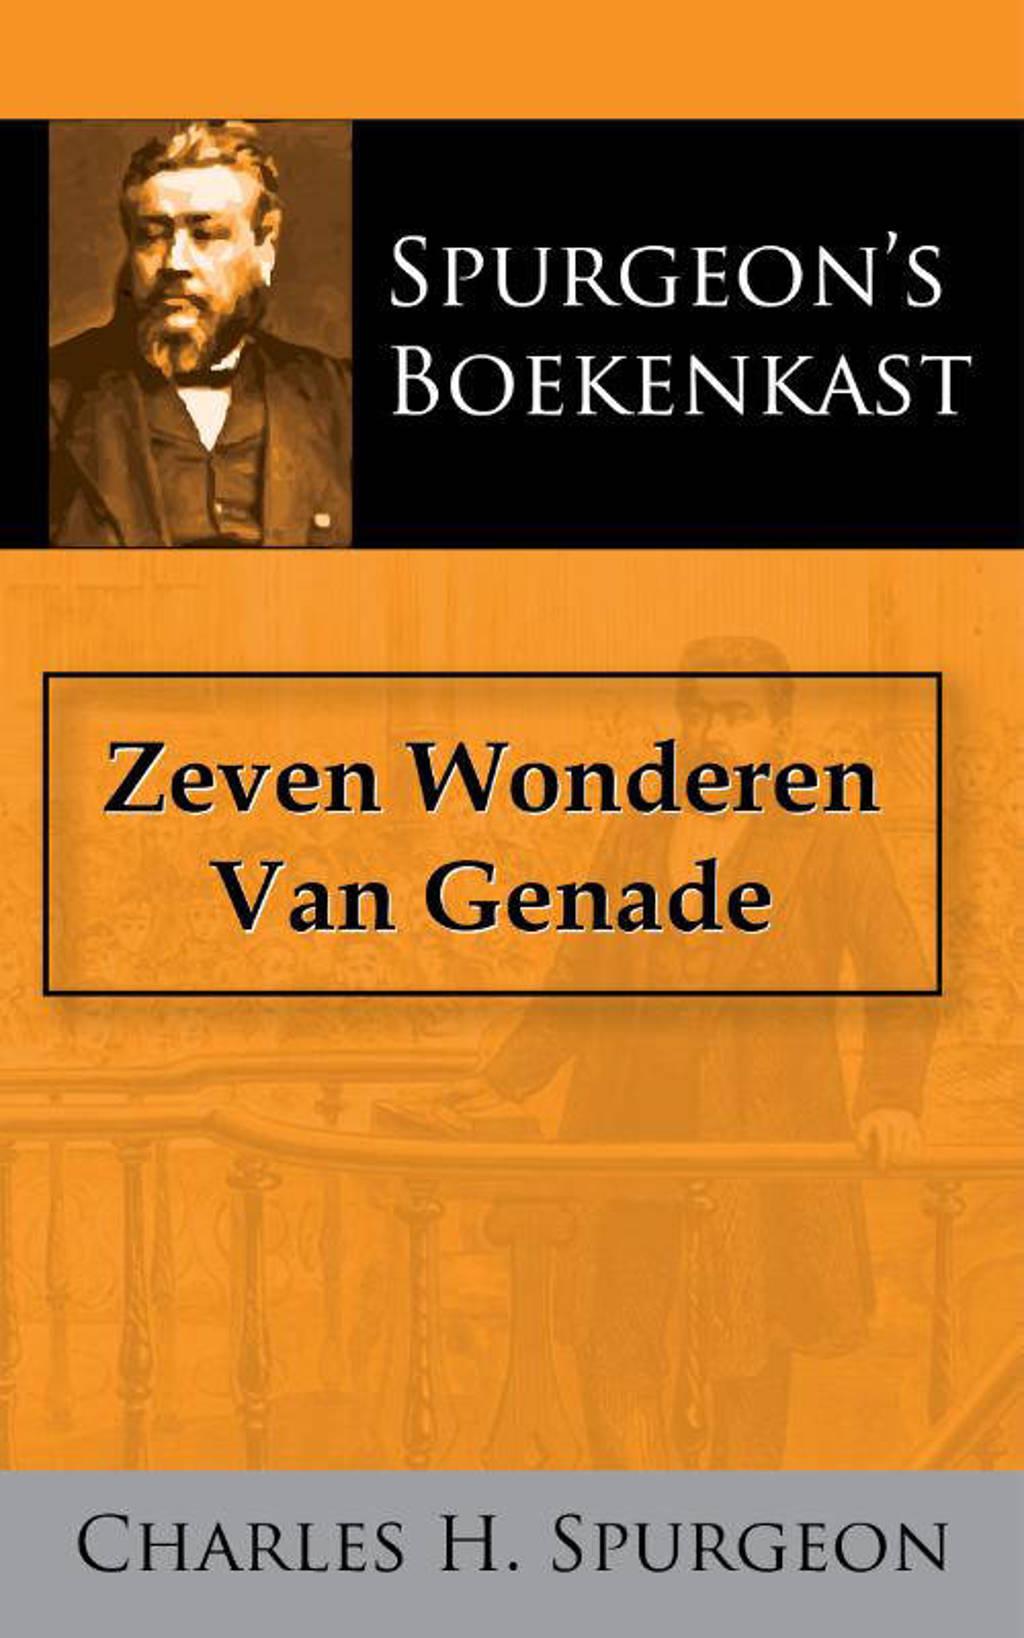 Zeven Wonderen Van Genade - C.H. Spurgeon